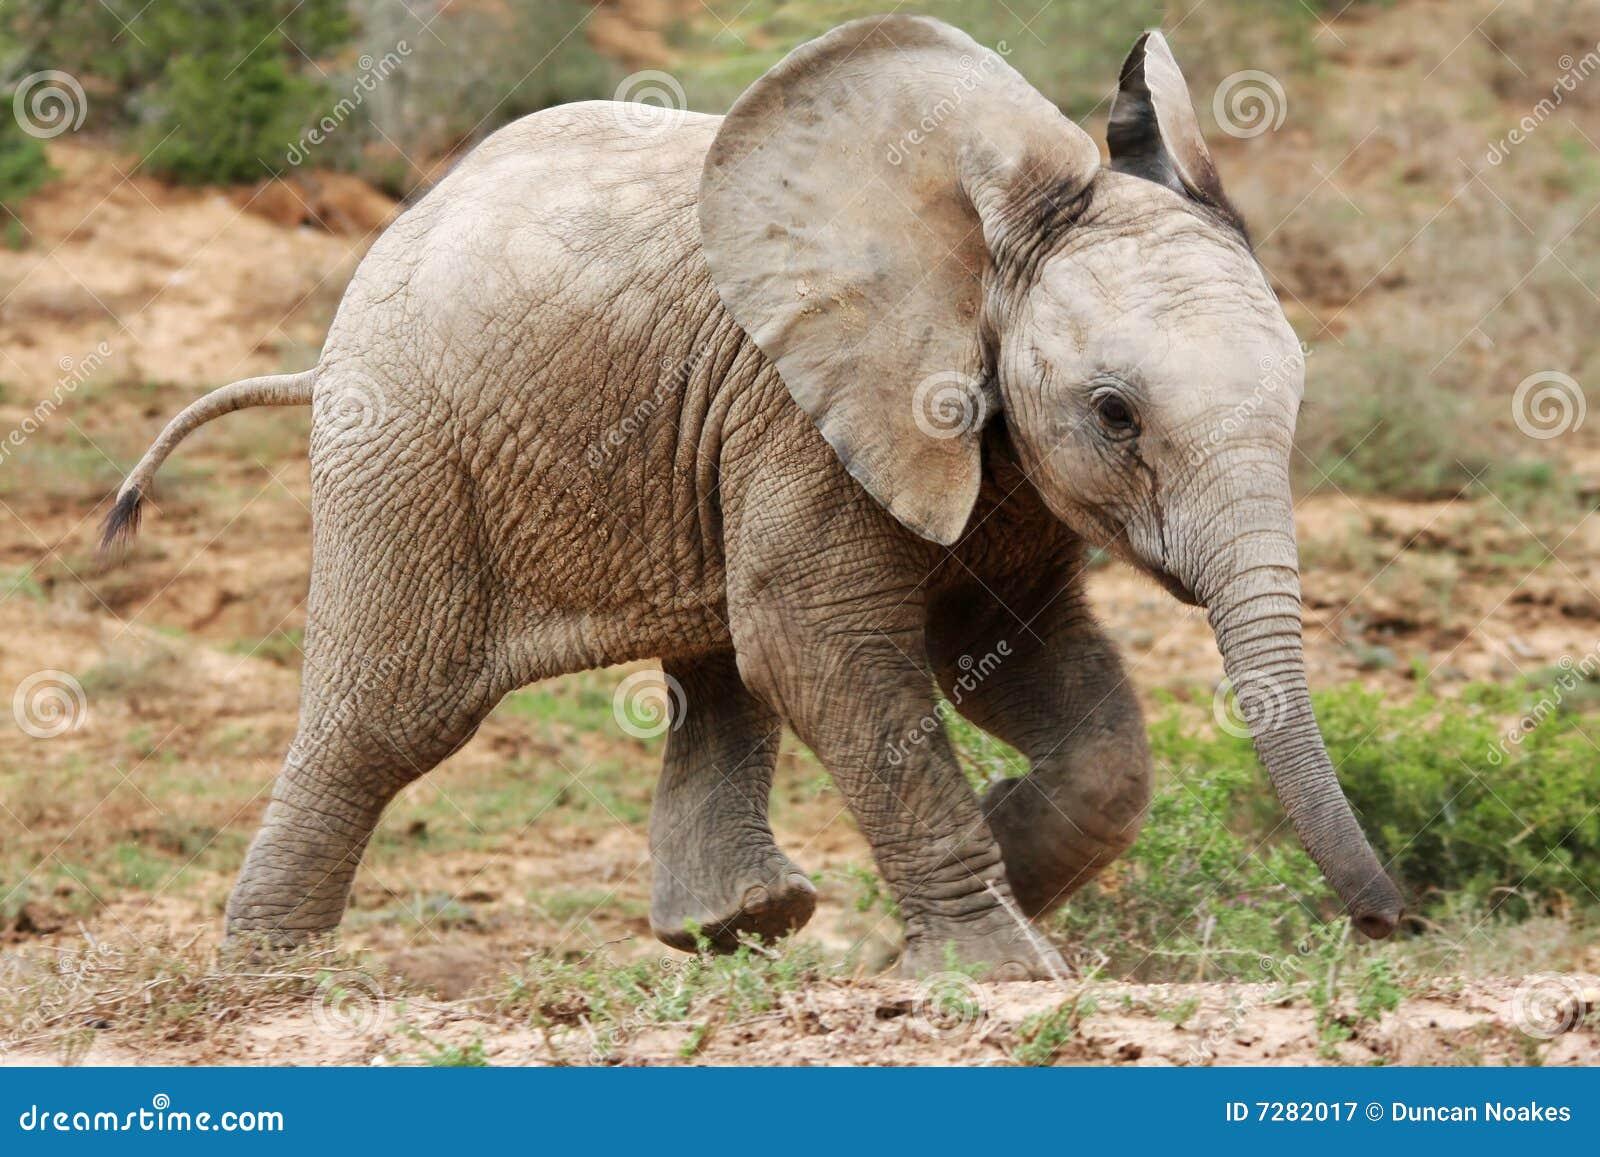 Elefante africano del beb imagen de archivo imagen de - Fotos de elefantes bebes ...